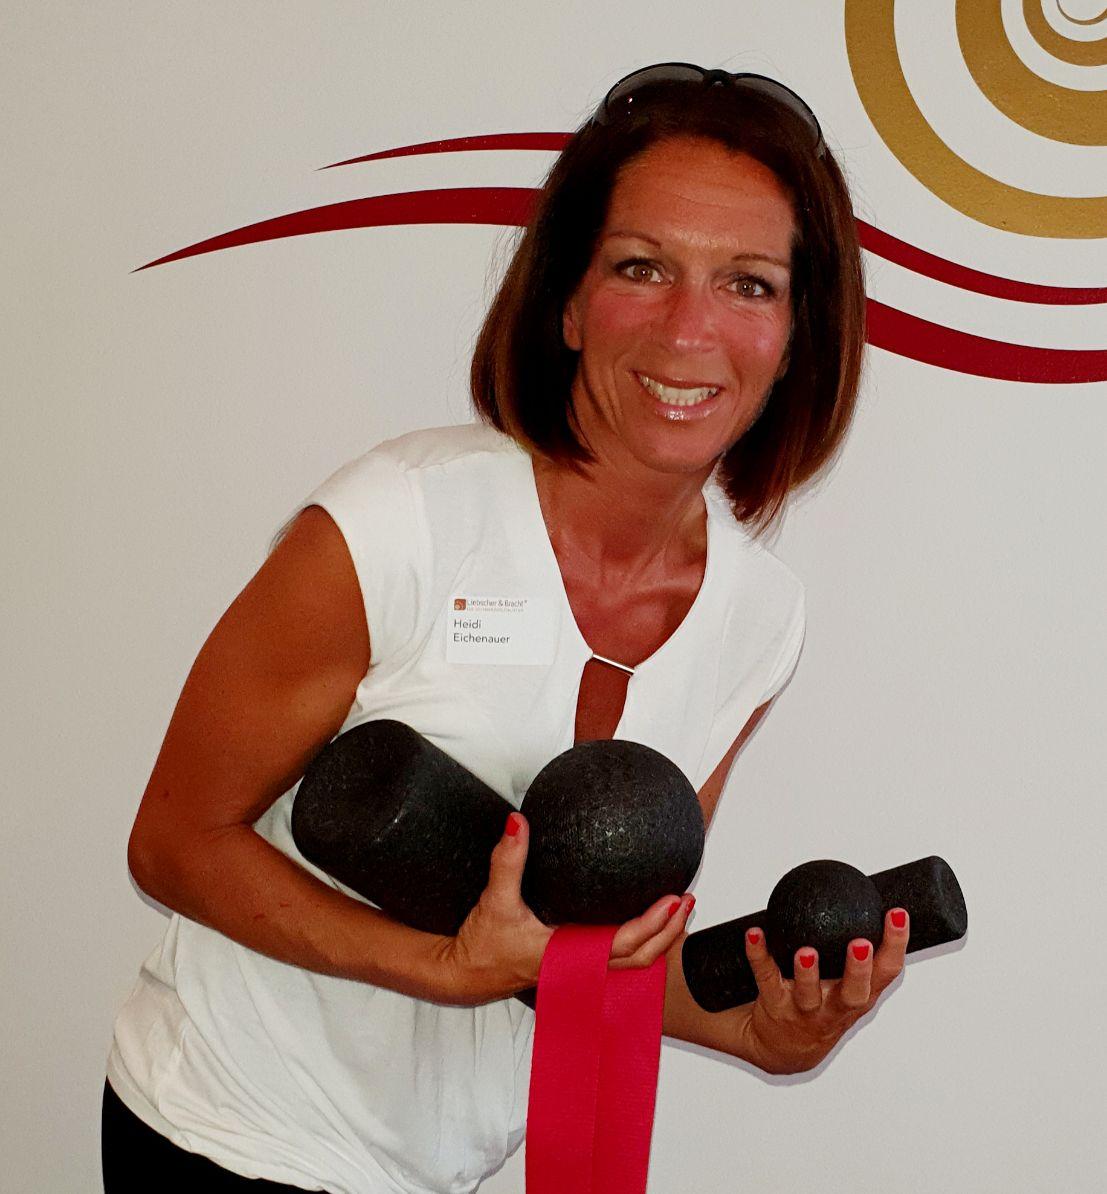 Auf dem Foto ist Heidi Eichenauer aus Lampertheim zu vor einer weißen Wand zu sehen. Sie steht mit dem Oberkörper schräg nach vorne und hält in ihren Händen die Faszienrollen und die Übungsschlaufe. Sie hat kinnlange braune Haare und trägt eine weiße Blus